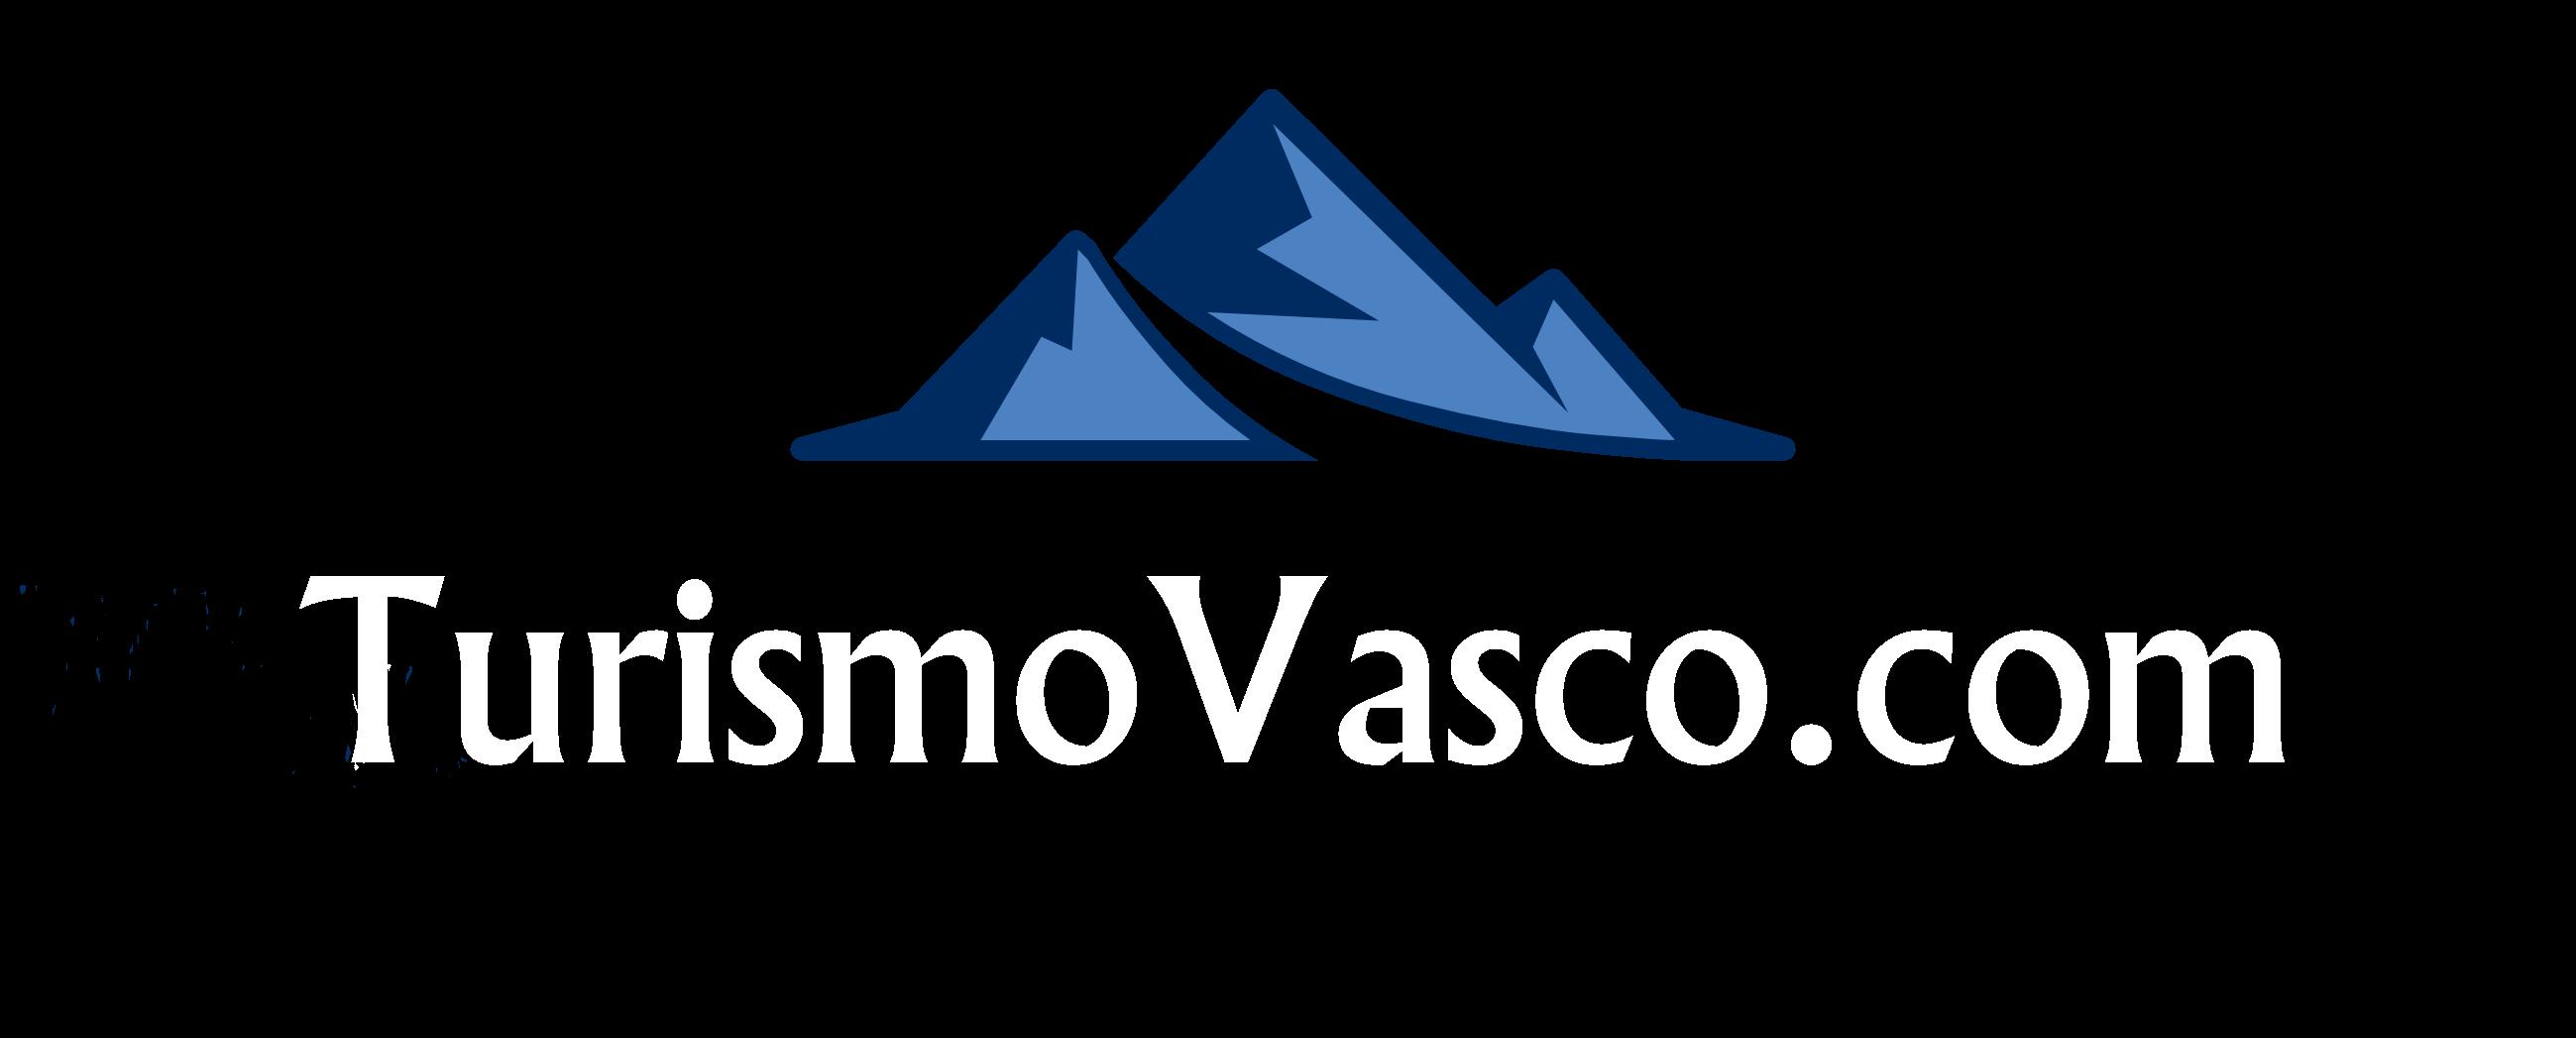 TurismoVasco